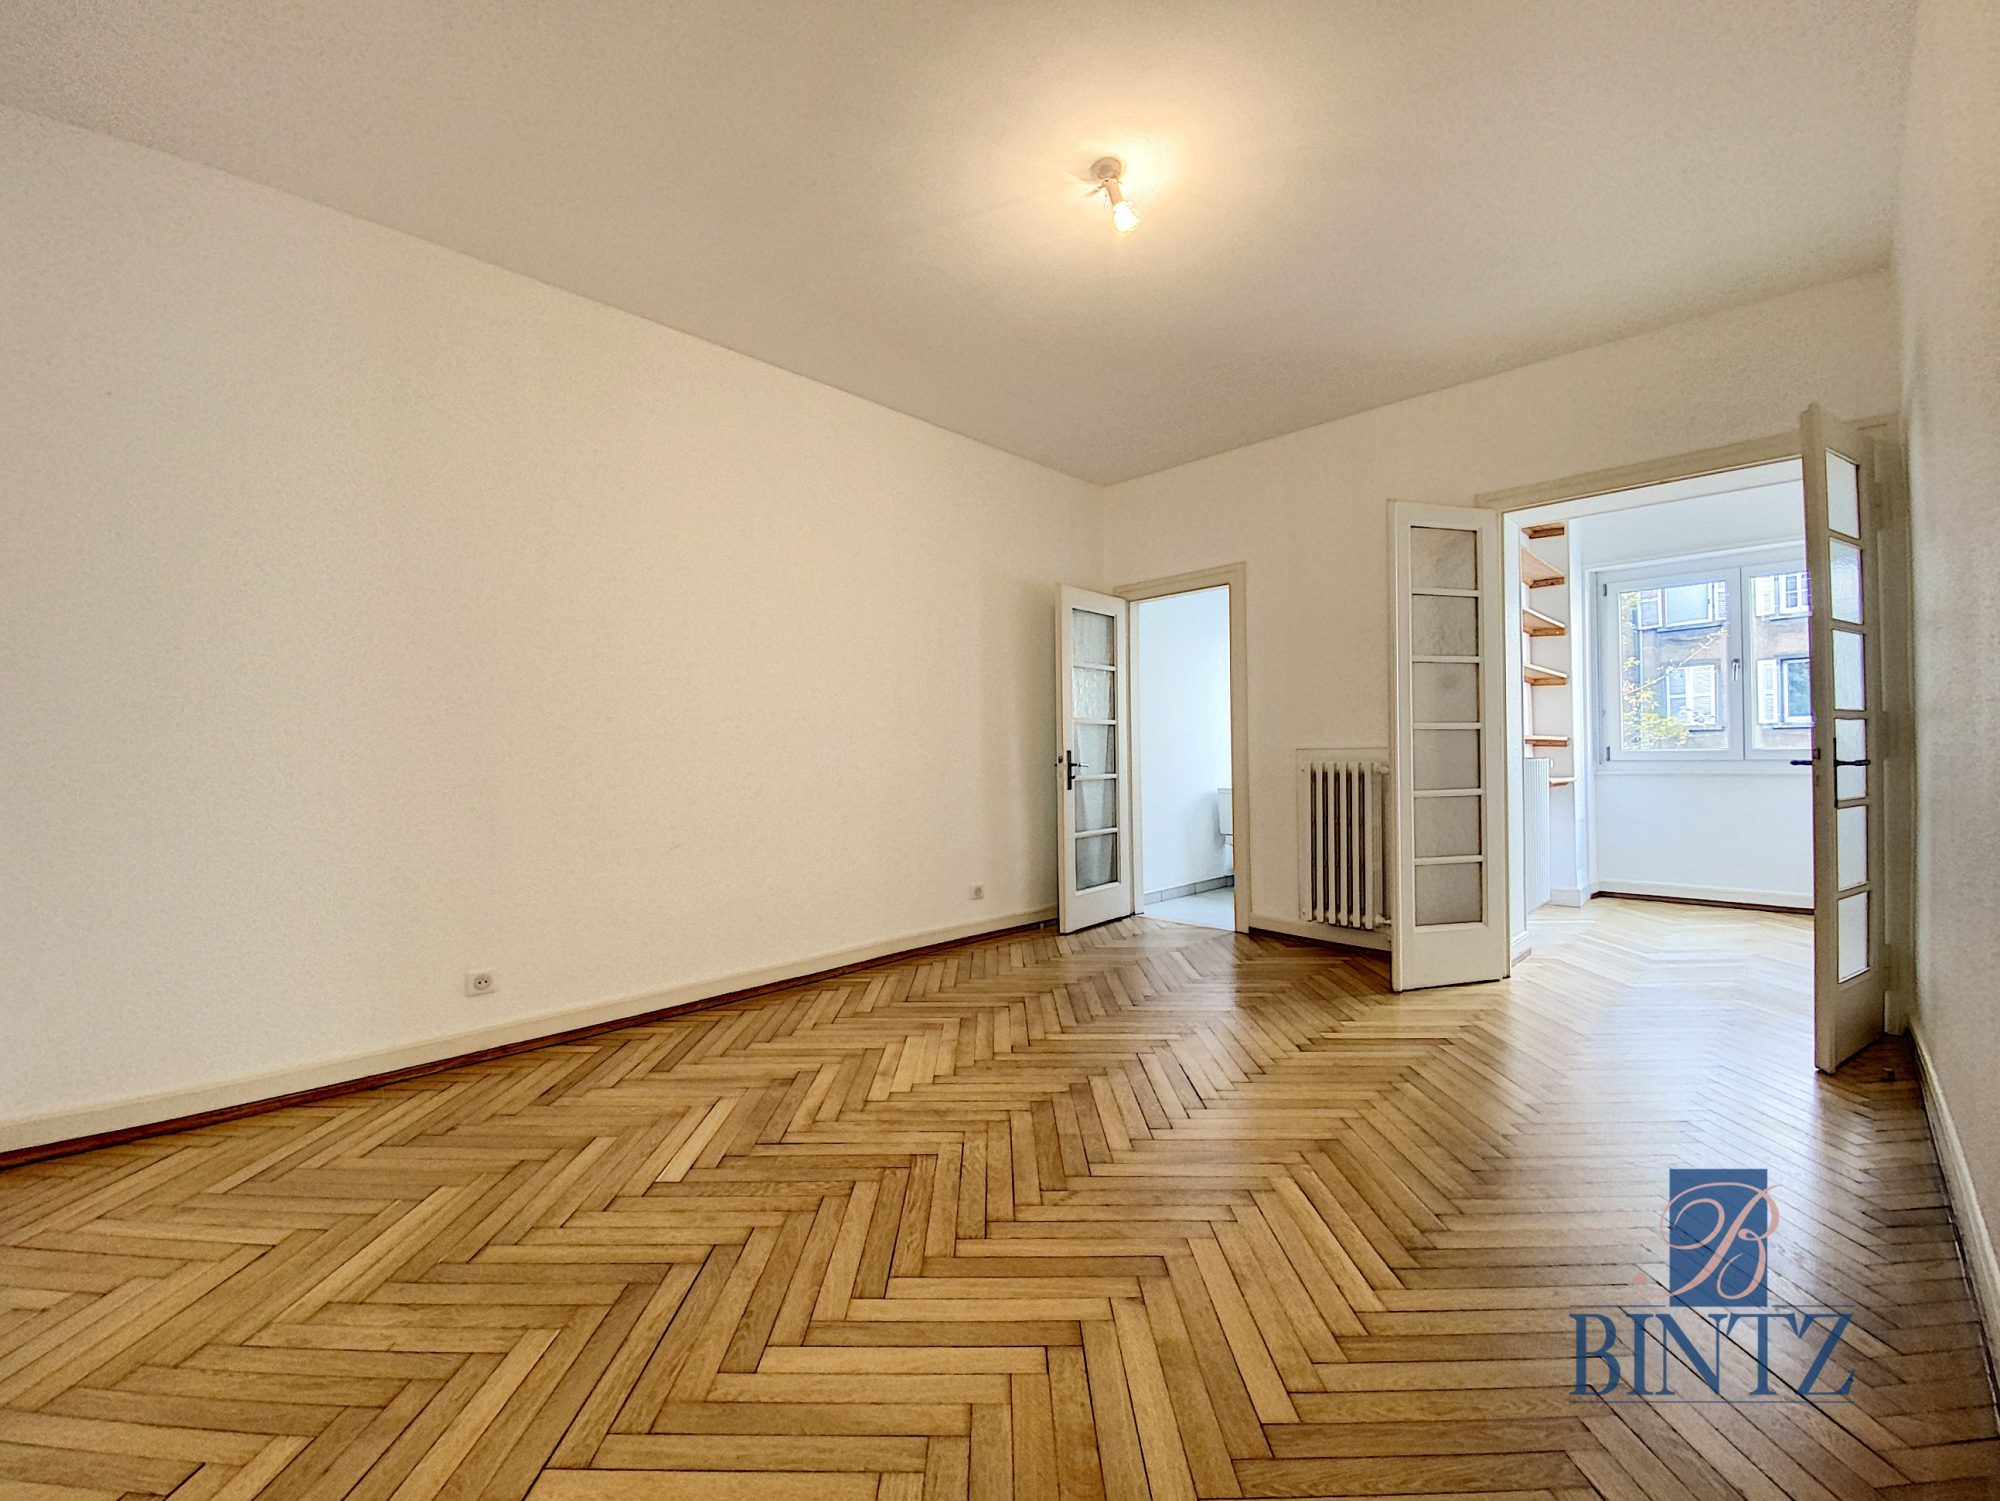 2 pièces orangerie avec balcon - Devenez locataire en toute sérénité - Bintz Immobilier - 6